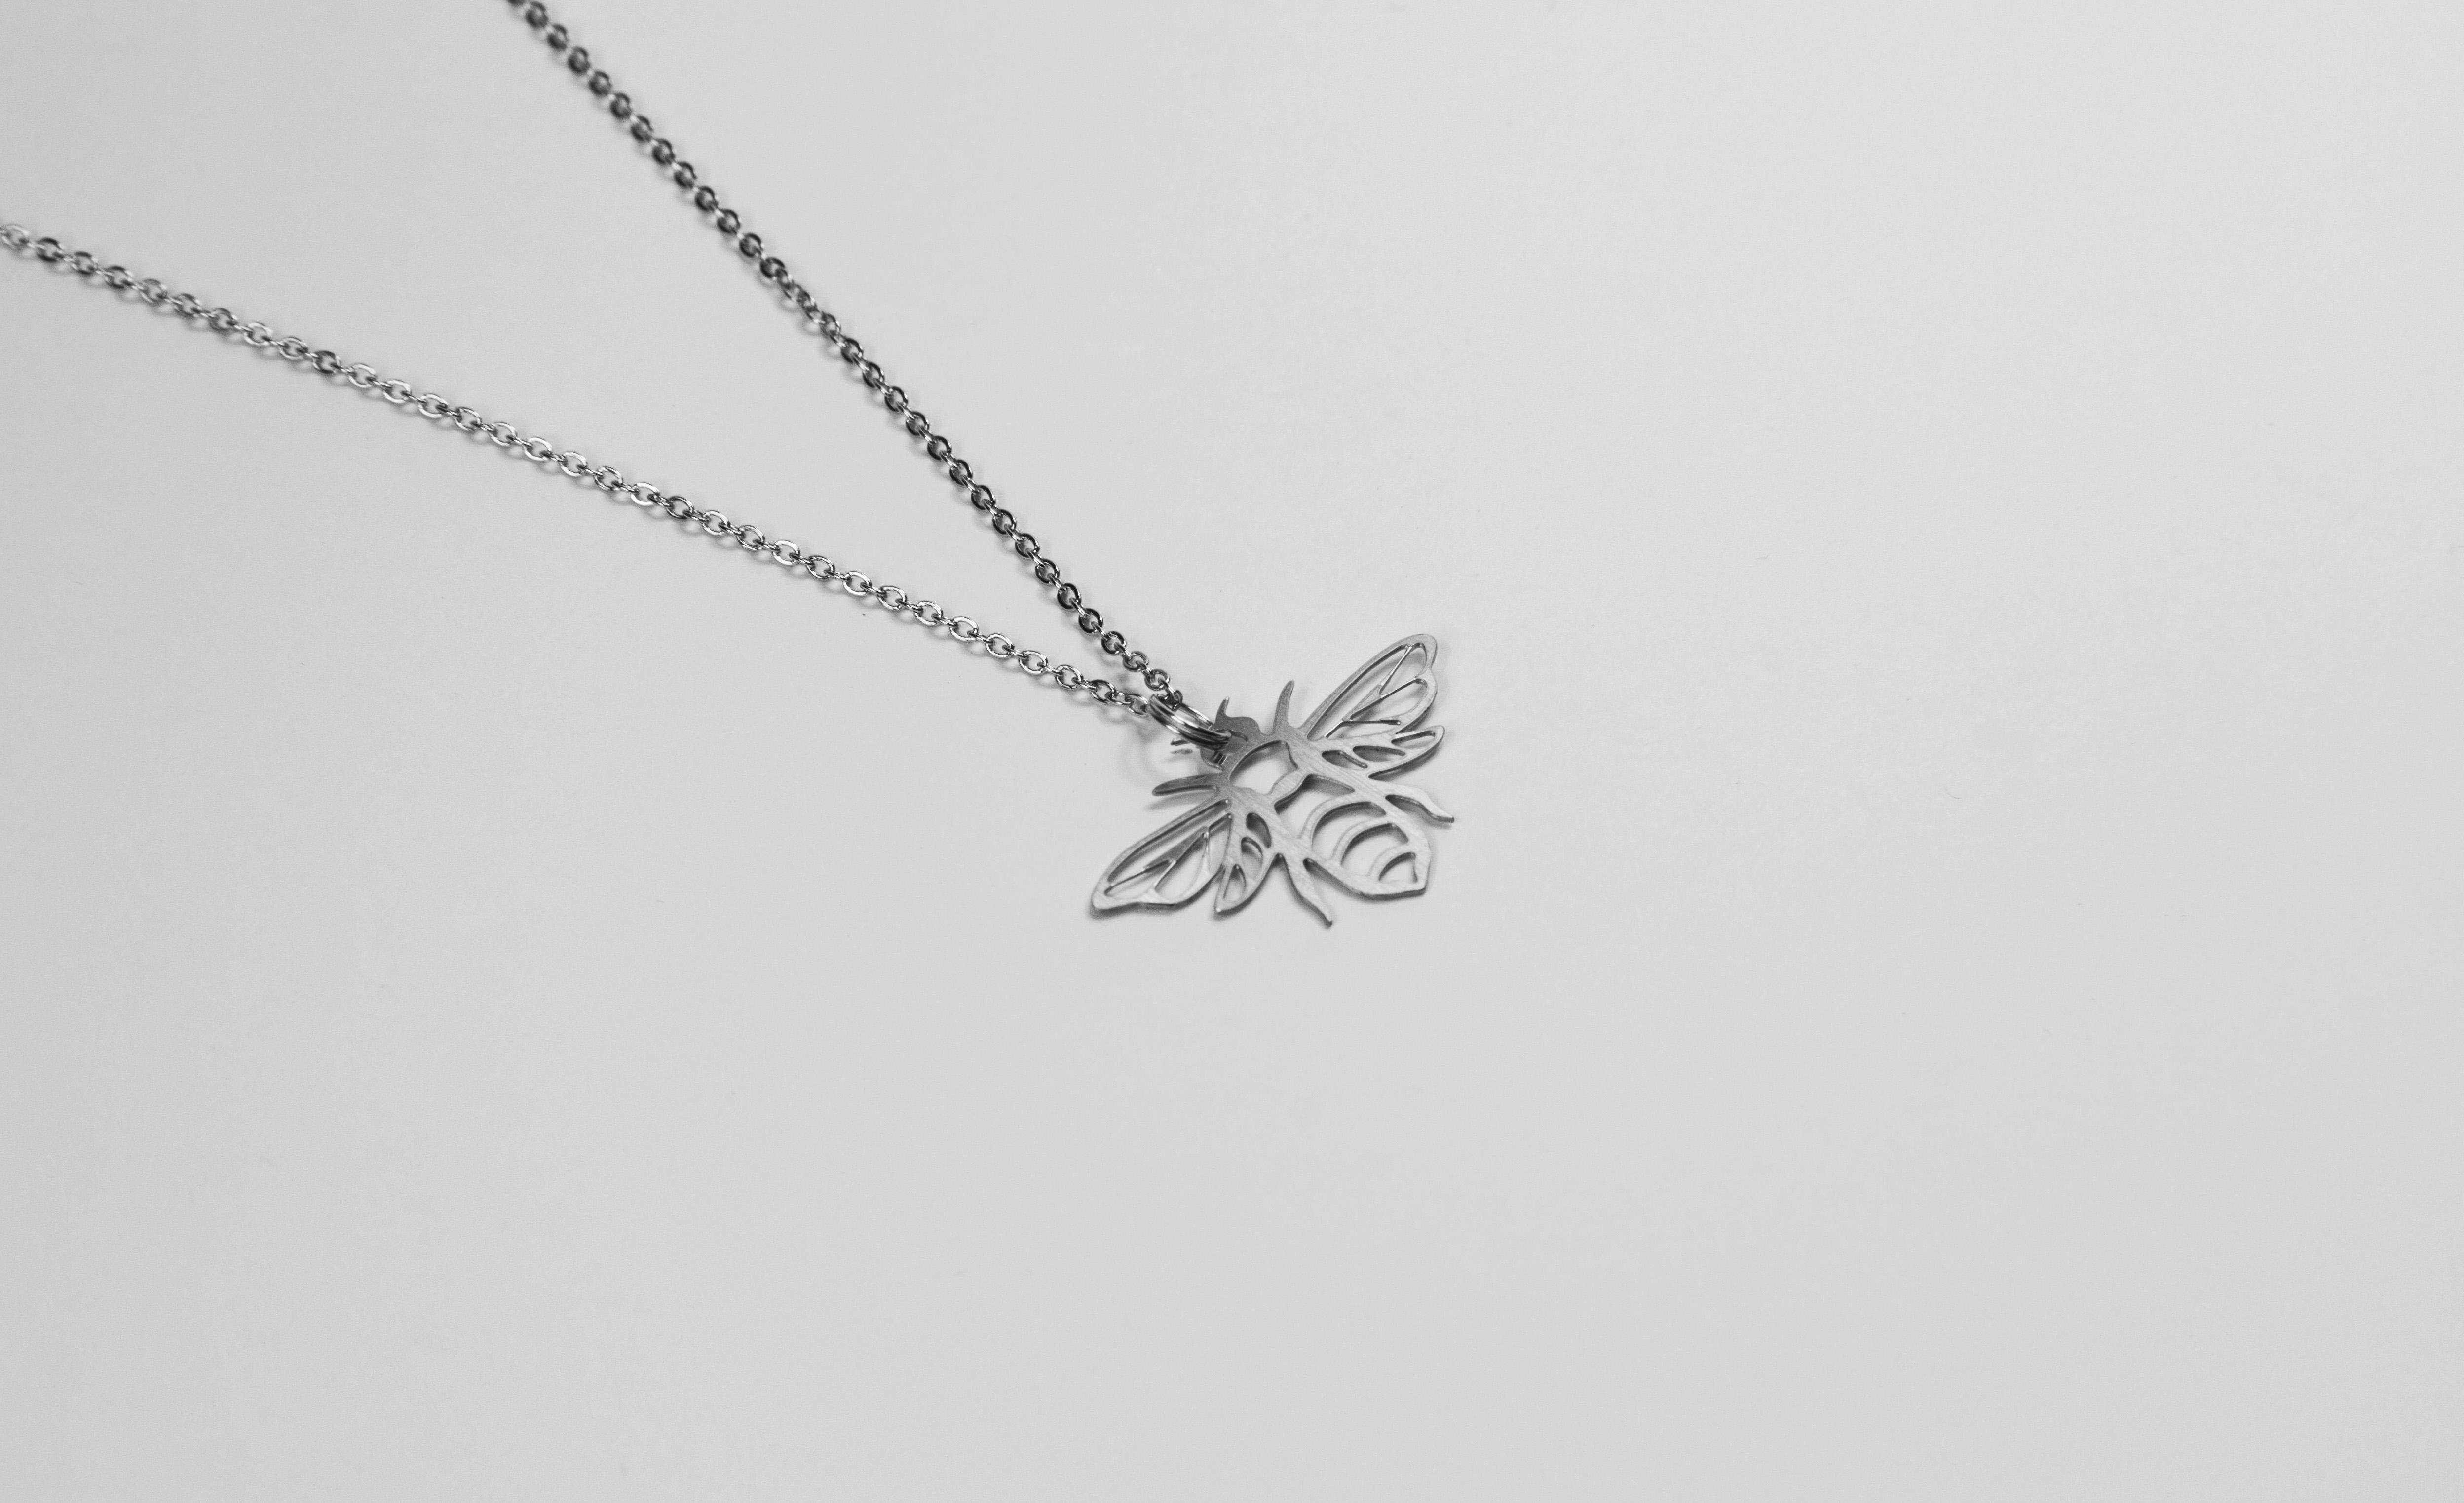 蜜蜂項鍊【迷你款】_昆蟲系列_造題